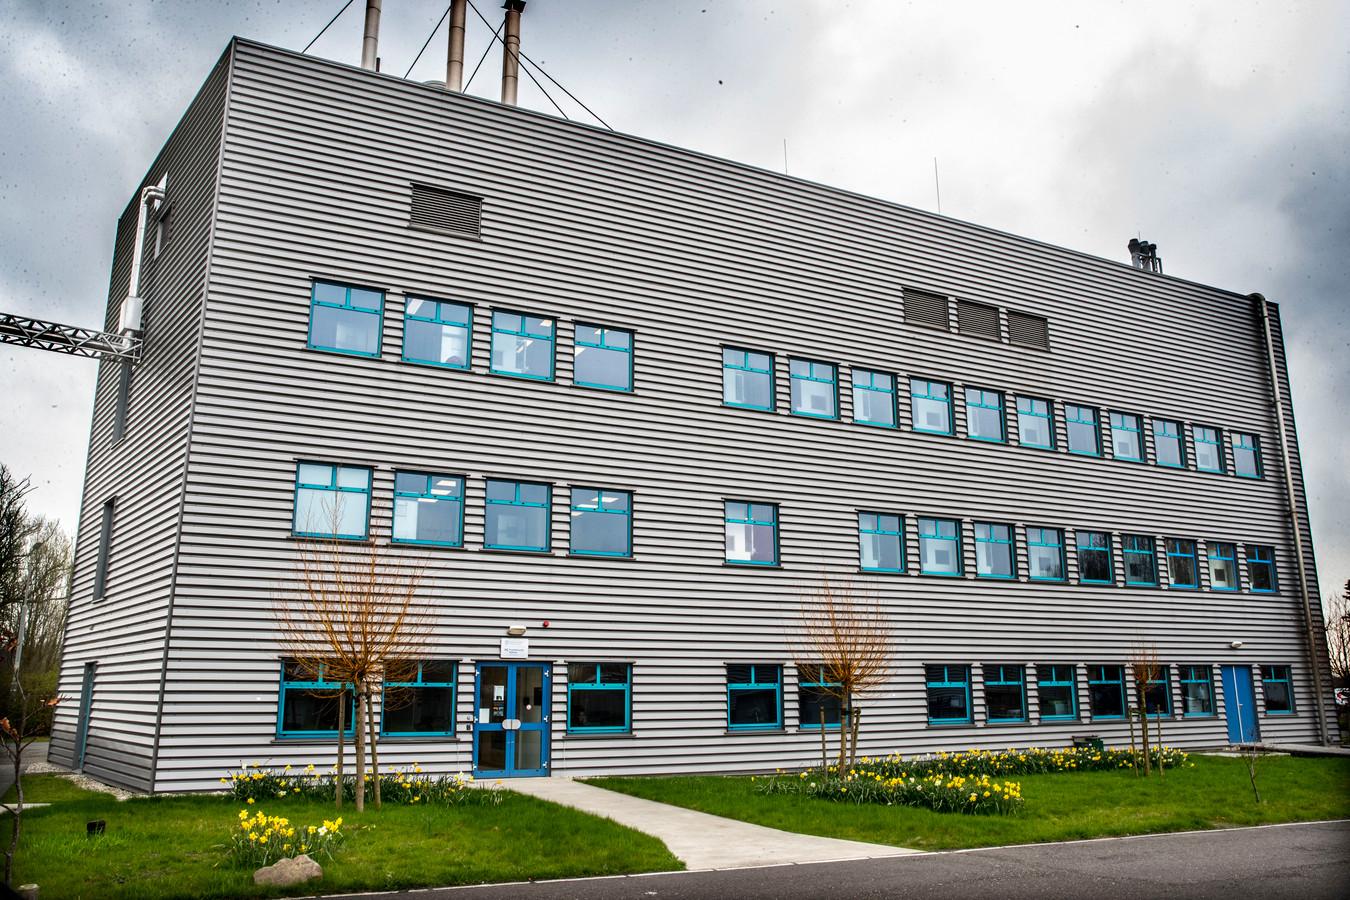 In dit gebouw worden de experimenten met de apen in Rijswijk uitgevoerd. Het BPRC-complex is ontoegankelijk voor onbevoegden. Sommige apen zitten een jaar lang in een experiment en kunnen al die tijd niet naar buiten.